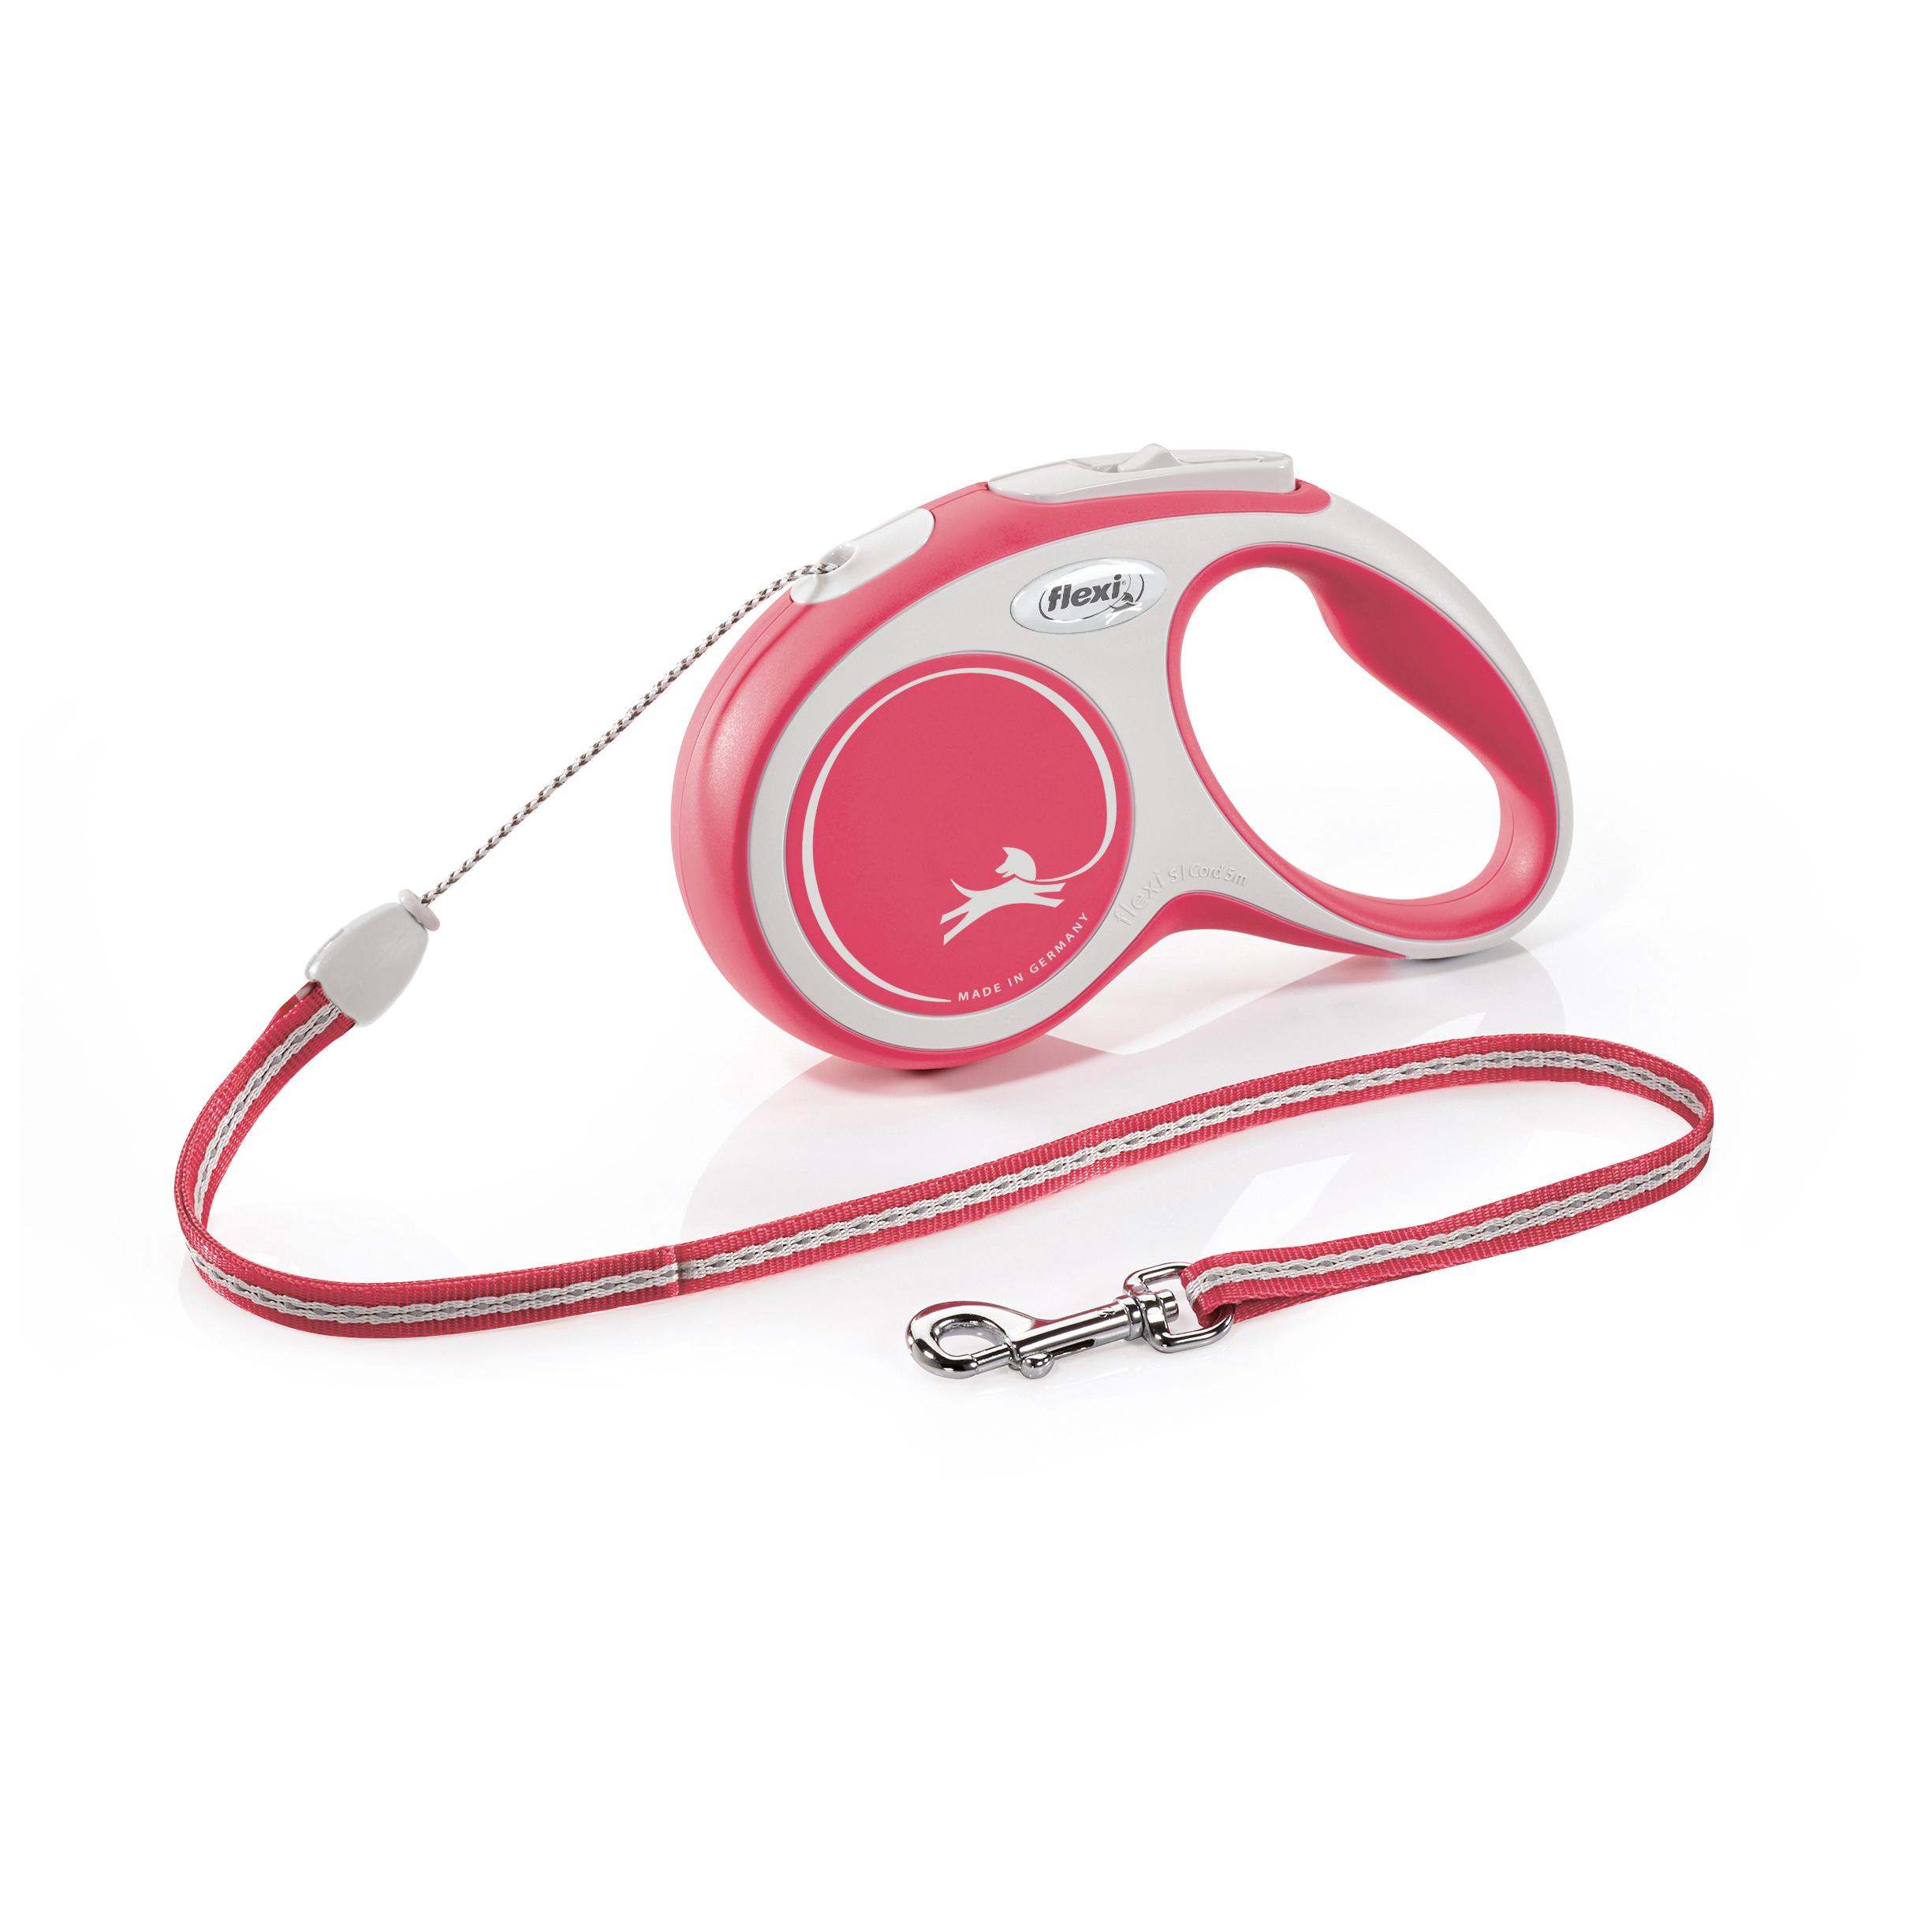 Flexi New Comfort S šňůra 5m červená